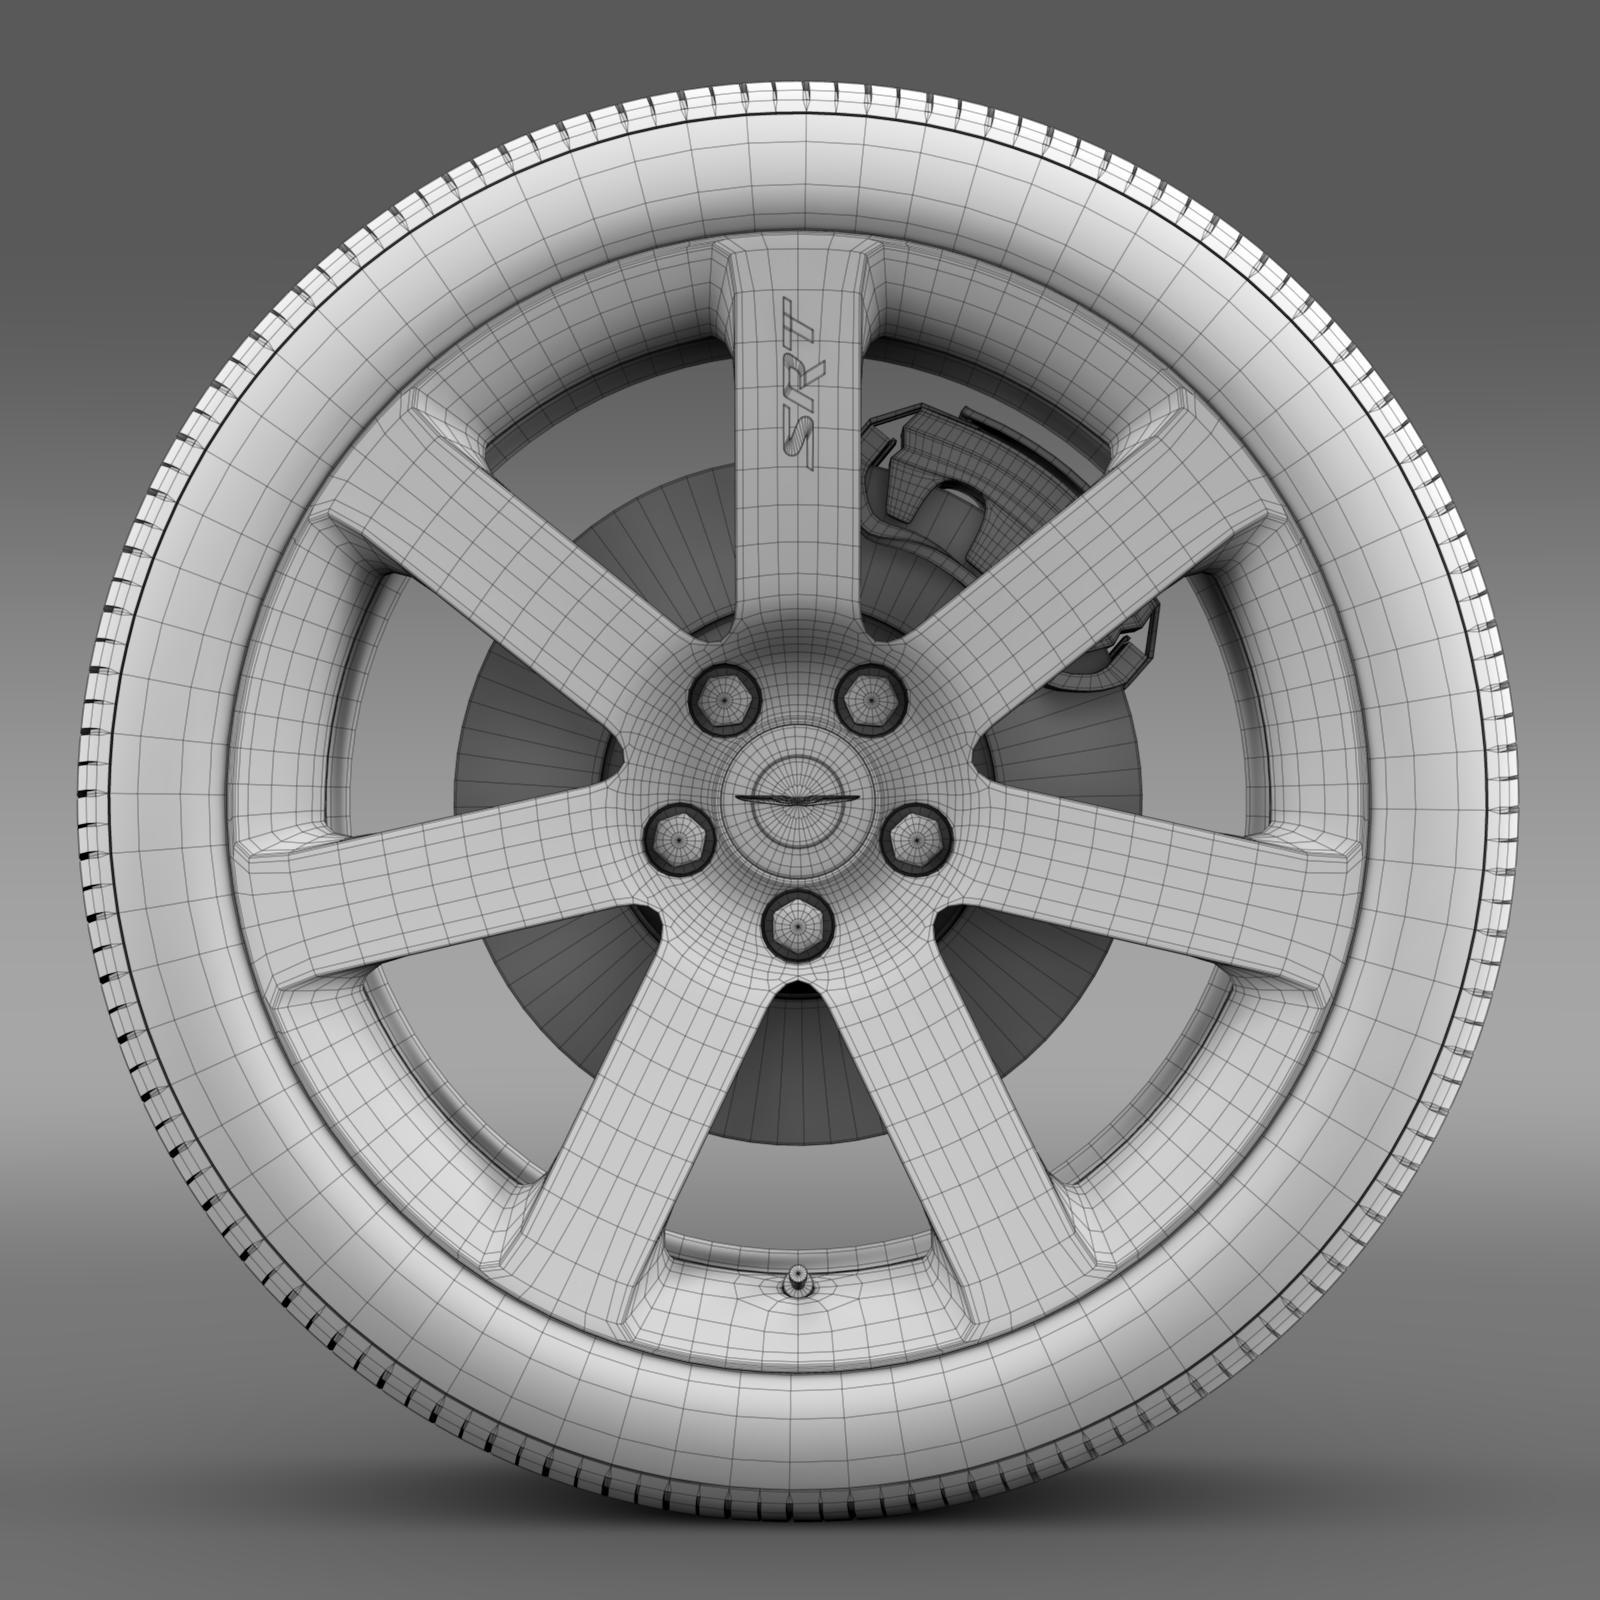 chrysler 300 srt8 wheel 3d model 3ds max fbx c4d lwo ma mb hrc xsi obj 210663